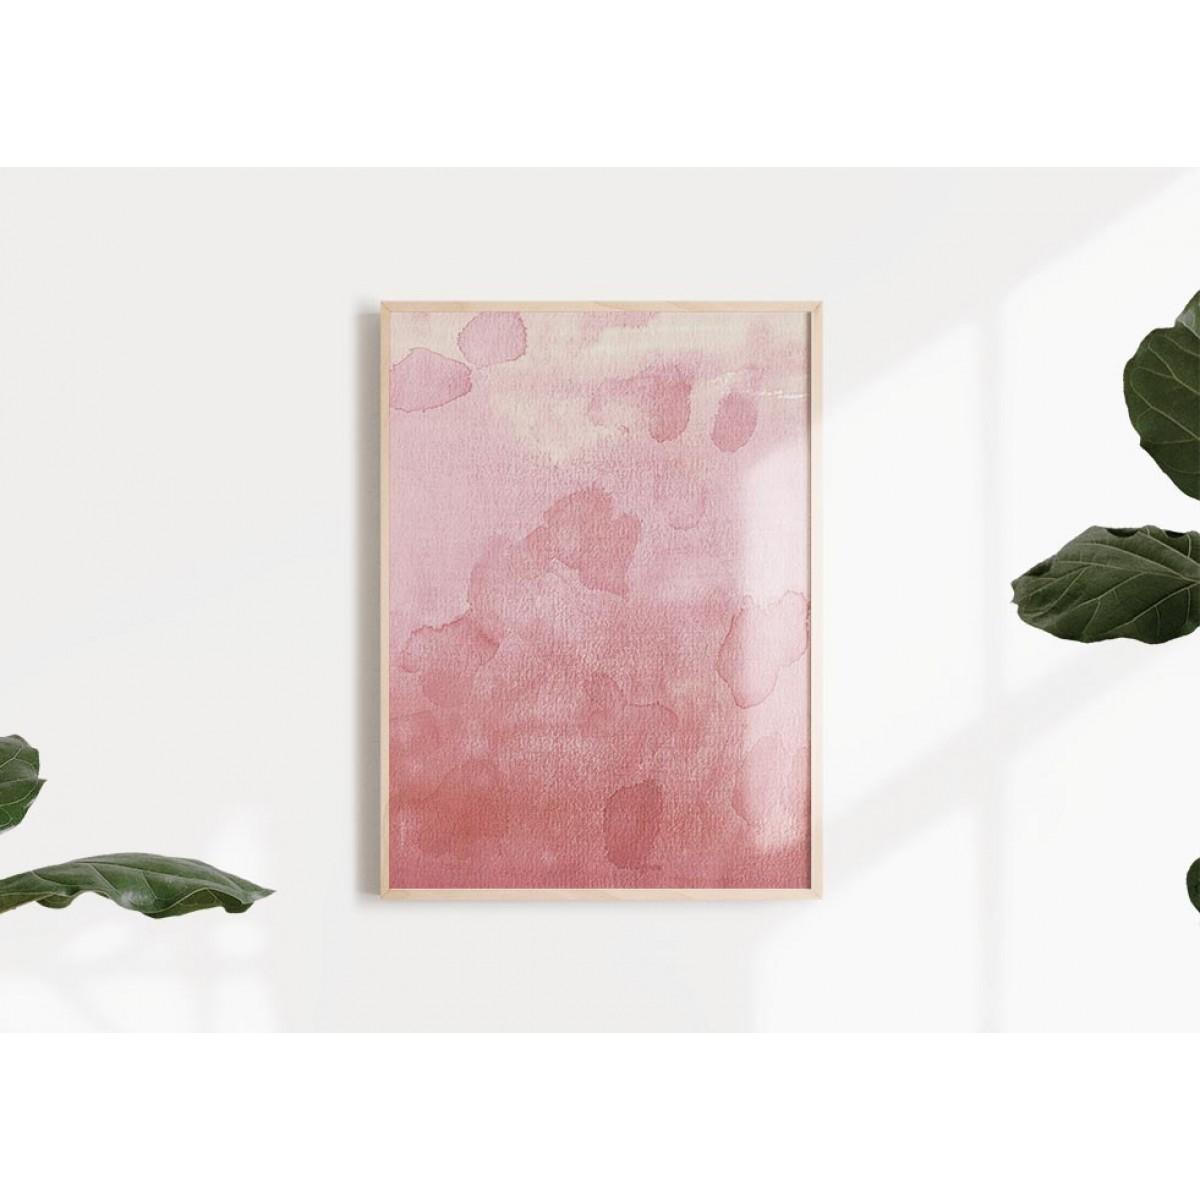 RÖDA VÅGOR 2 Print als hochwertiger Posterdruck im skandinavischen Stil von Skanemarie +++ Geschenkidee